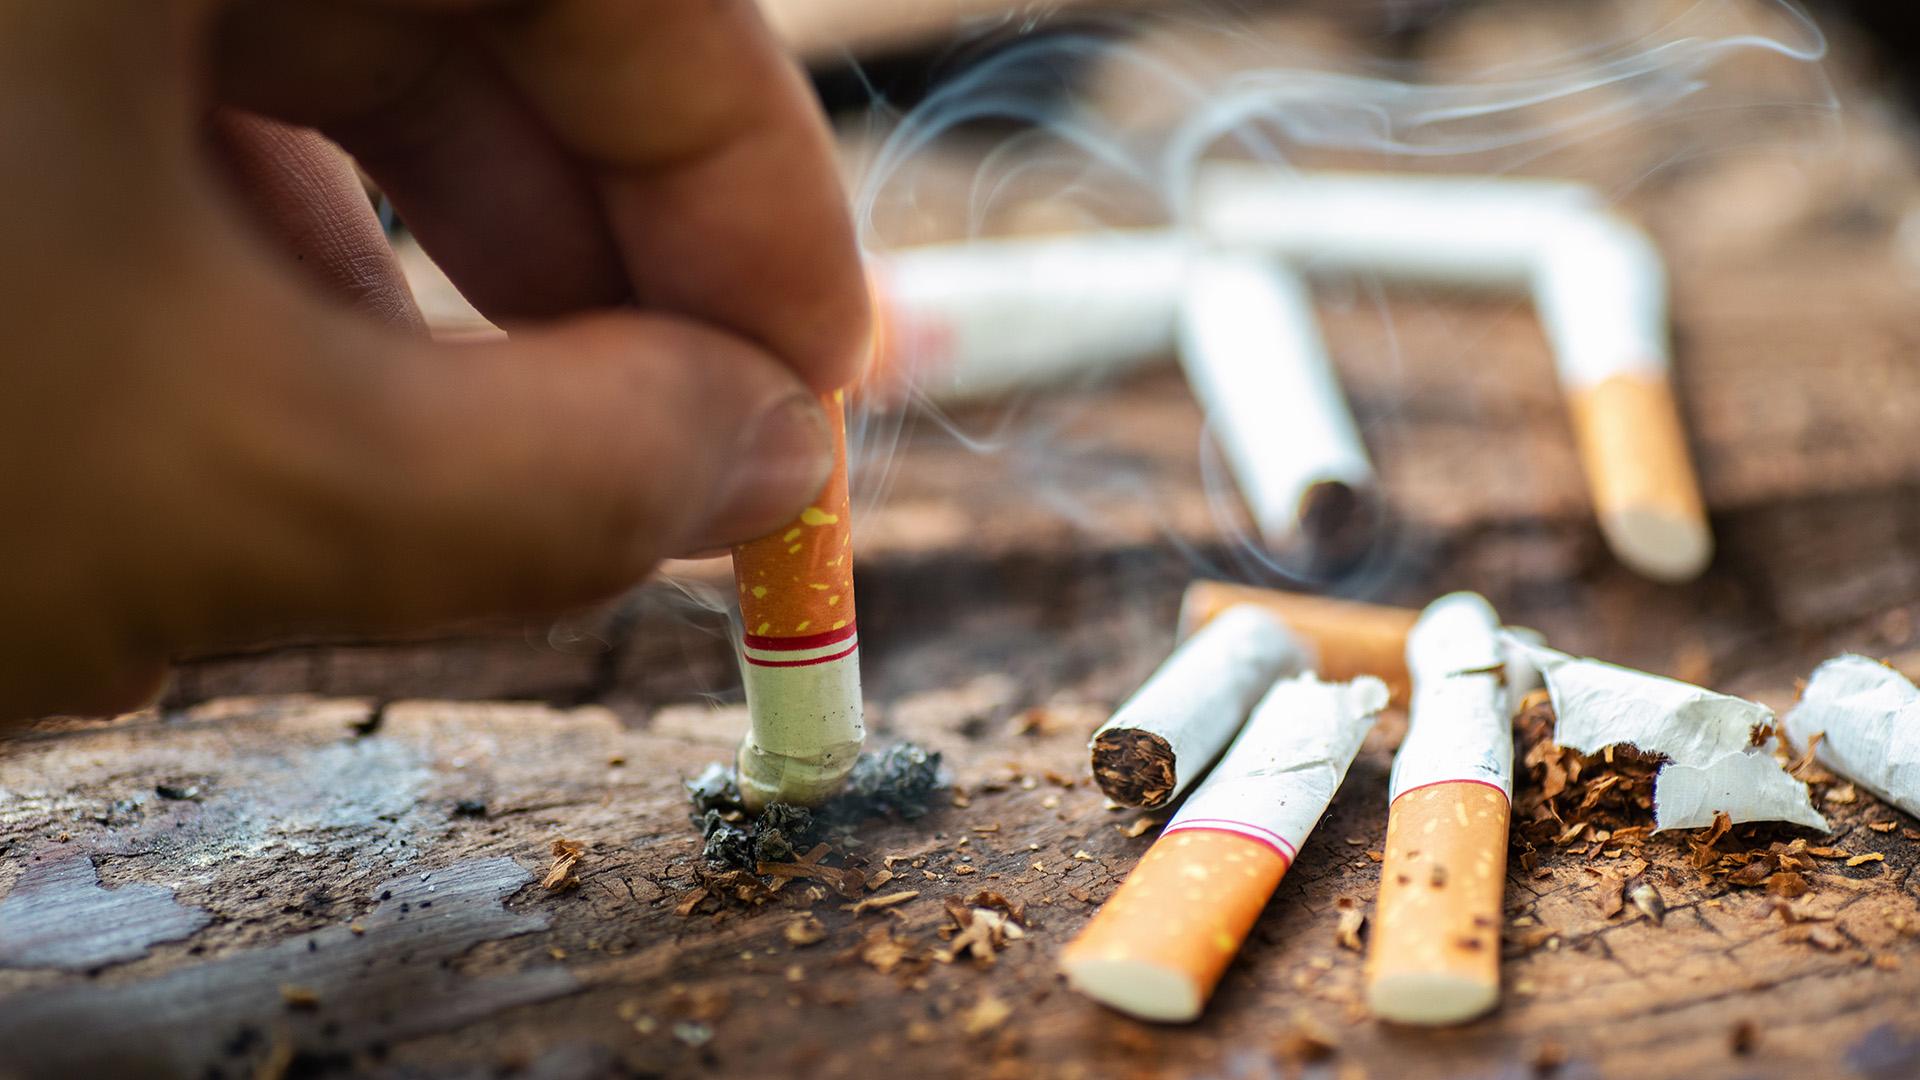 kábítószerek a dohányzástól való elutasításhoz